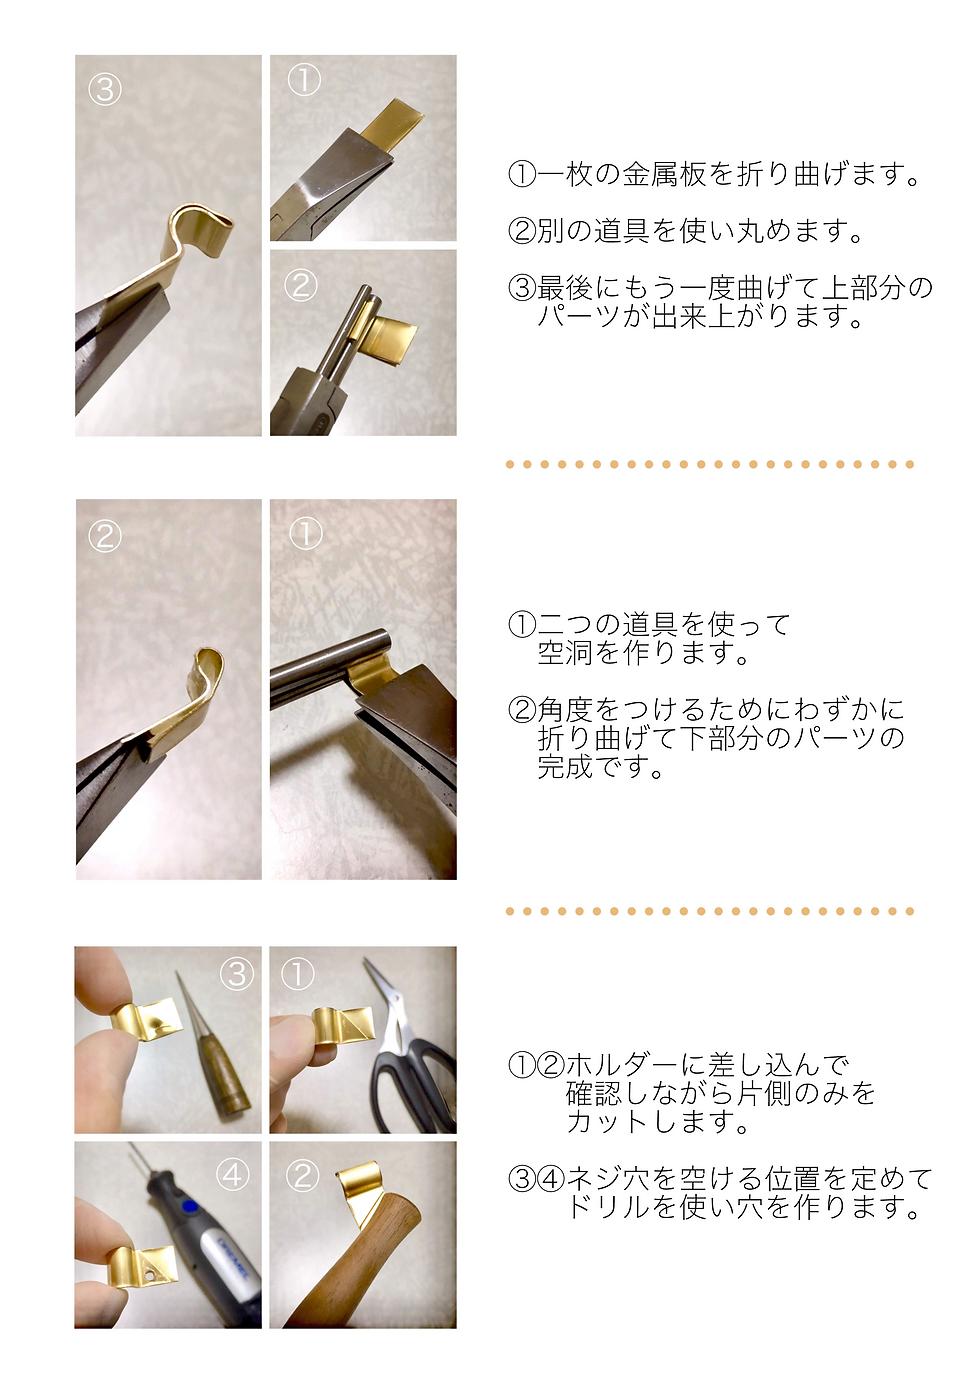 製作過程の紹介3.png